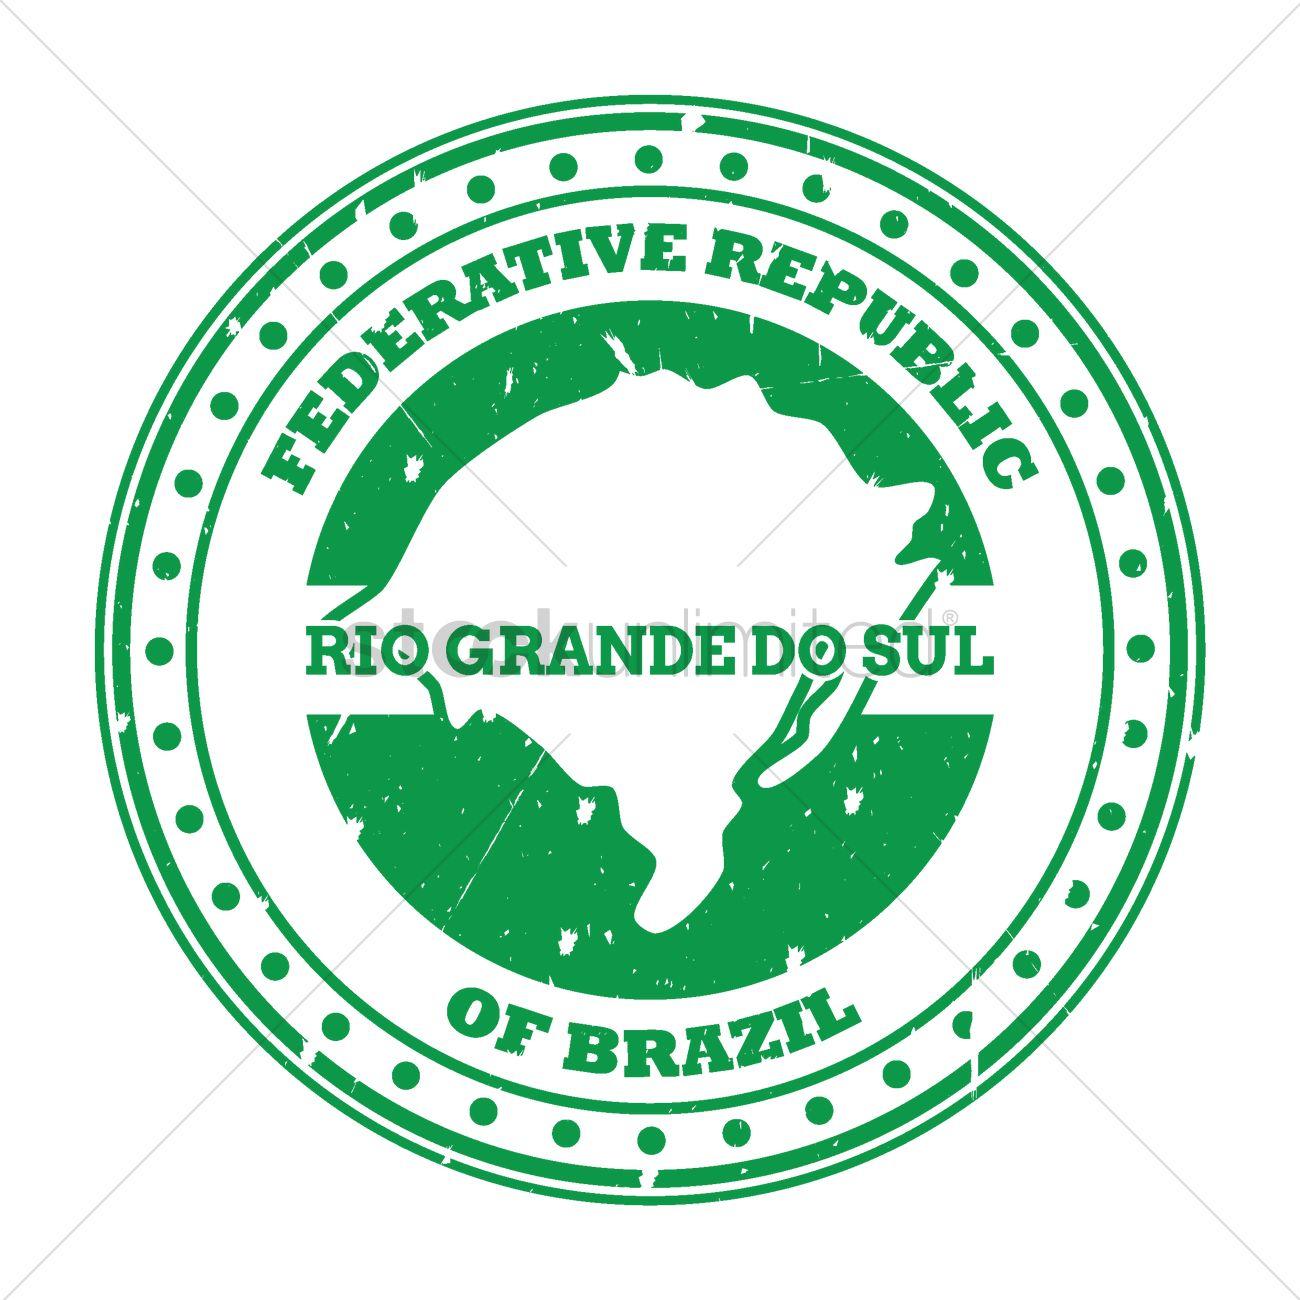 Rio grande do sul map stamp Vector Image.